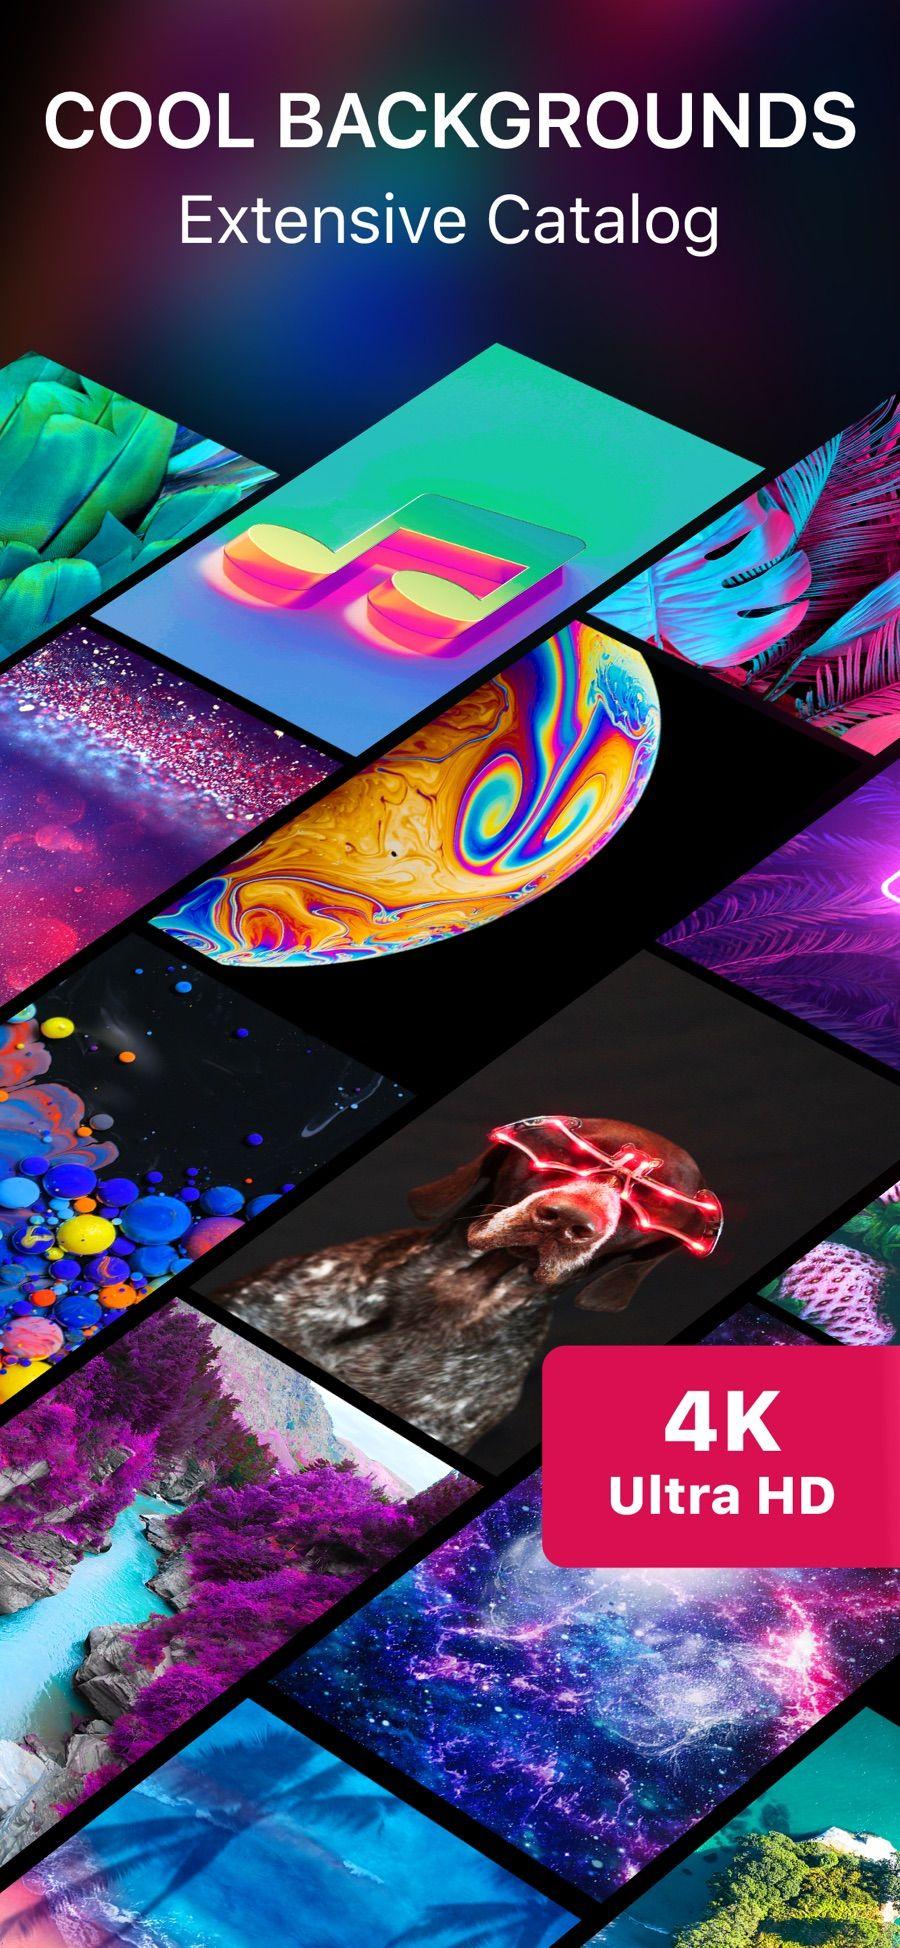 Live Wallpaper 4K on the App Store en 2020 Skate fondos